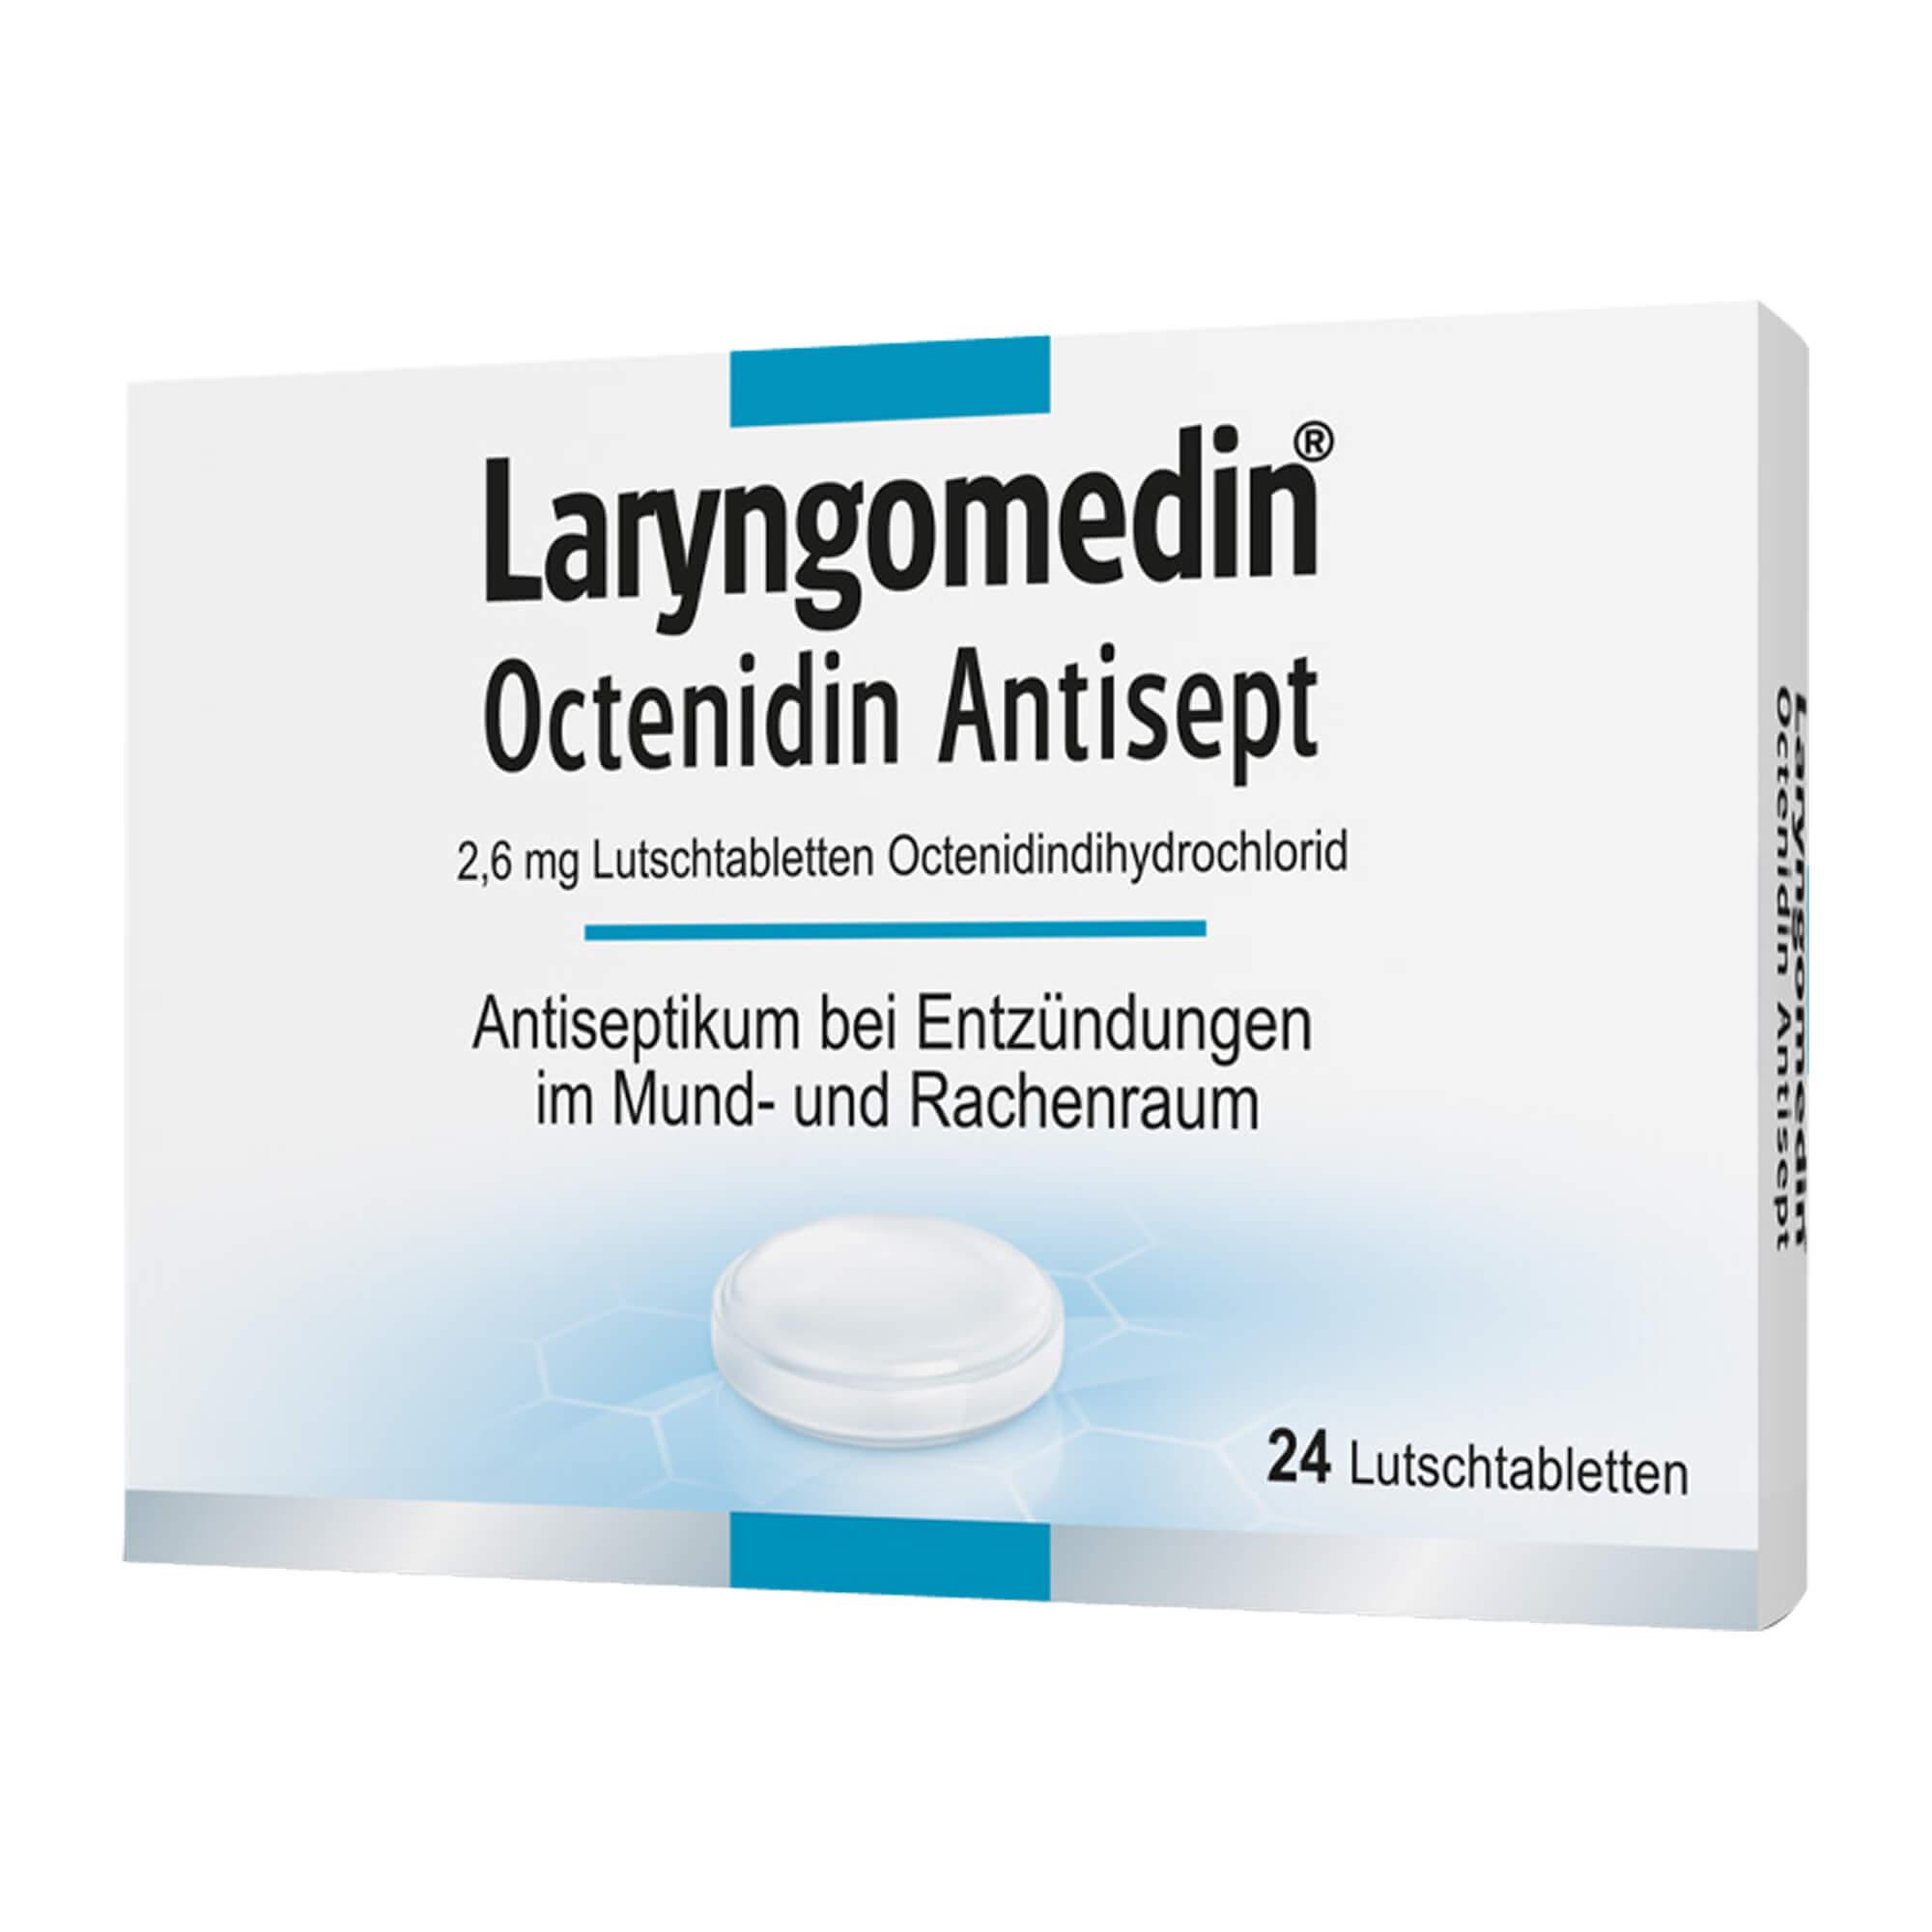 Laryngomedin Octenidin Antisept 2,6 mg Lutschtabletten